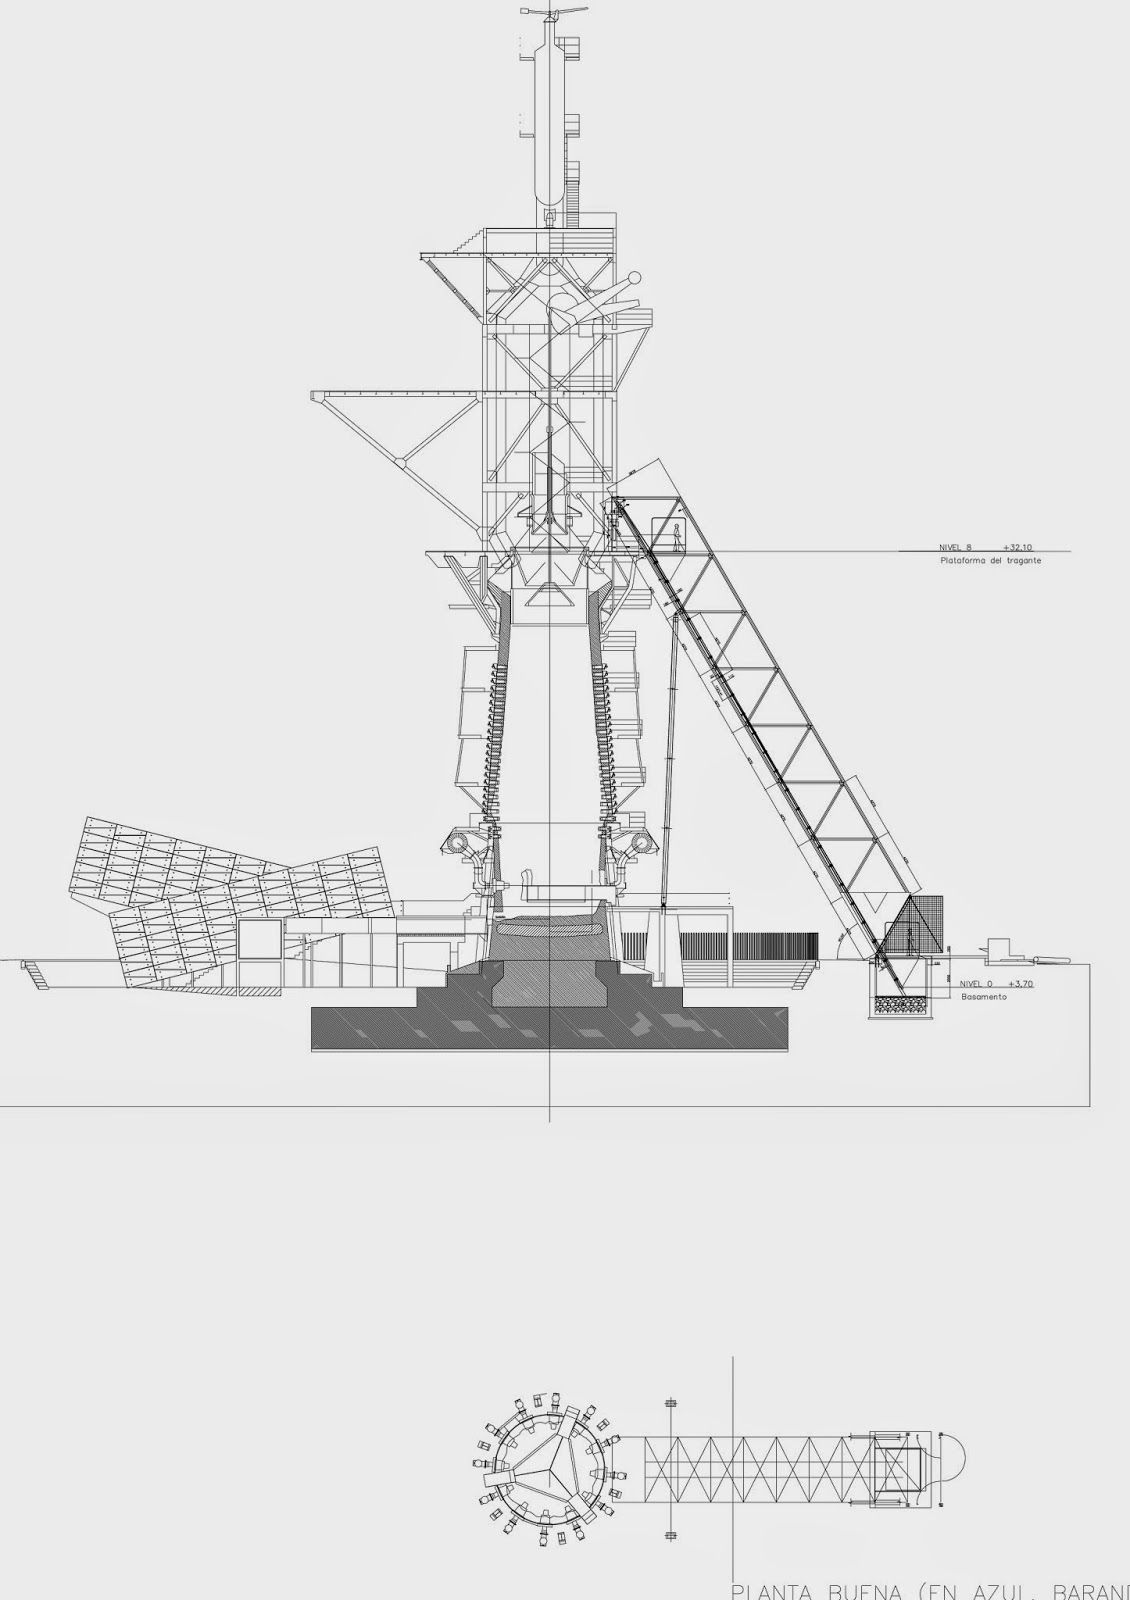 Patrimonio Industrial Arquitectónico La Colocación Del Elevador Del Horno Alto Nº 2 De Puerto Sagunto Elevador Horno Arquitectonico Y Industrial